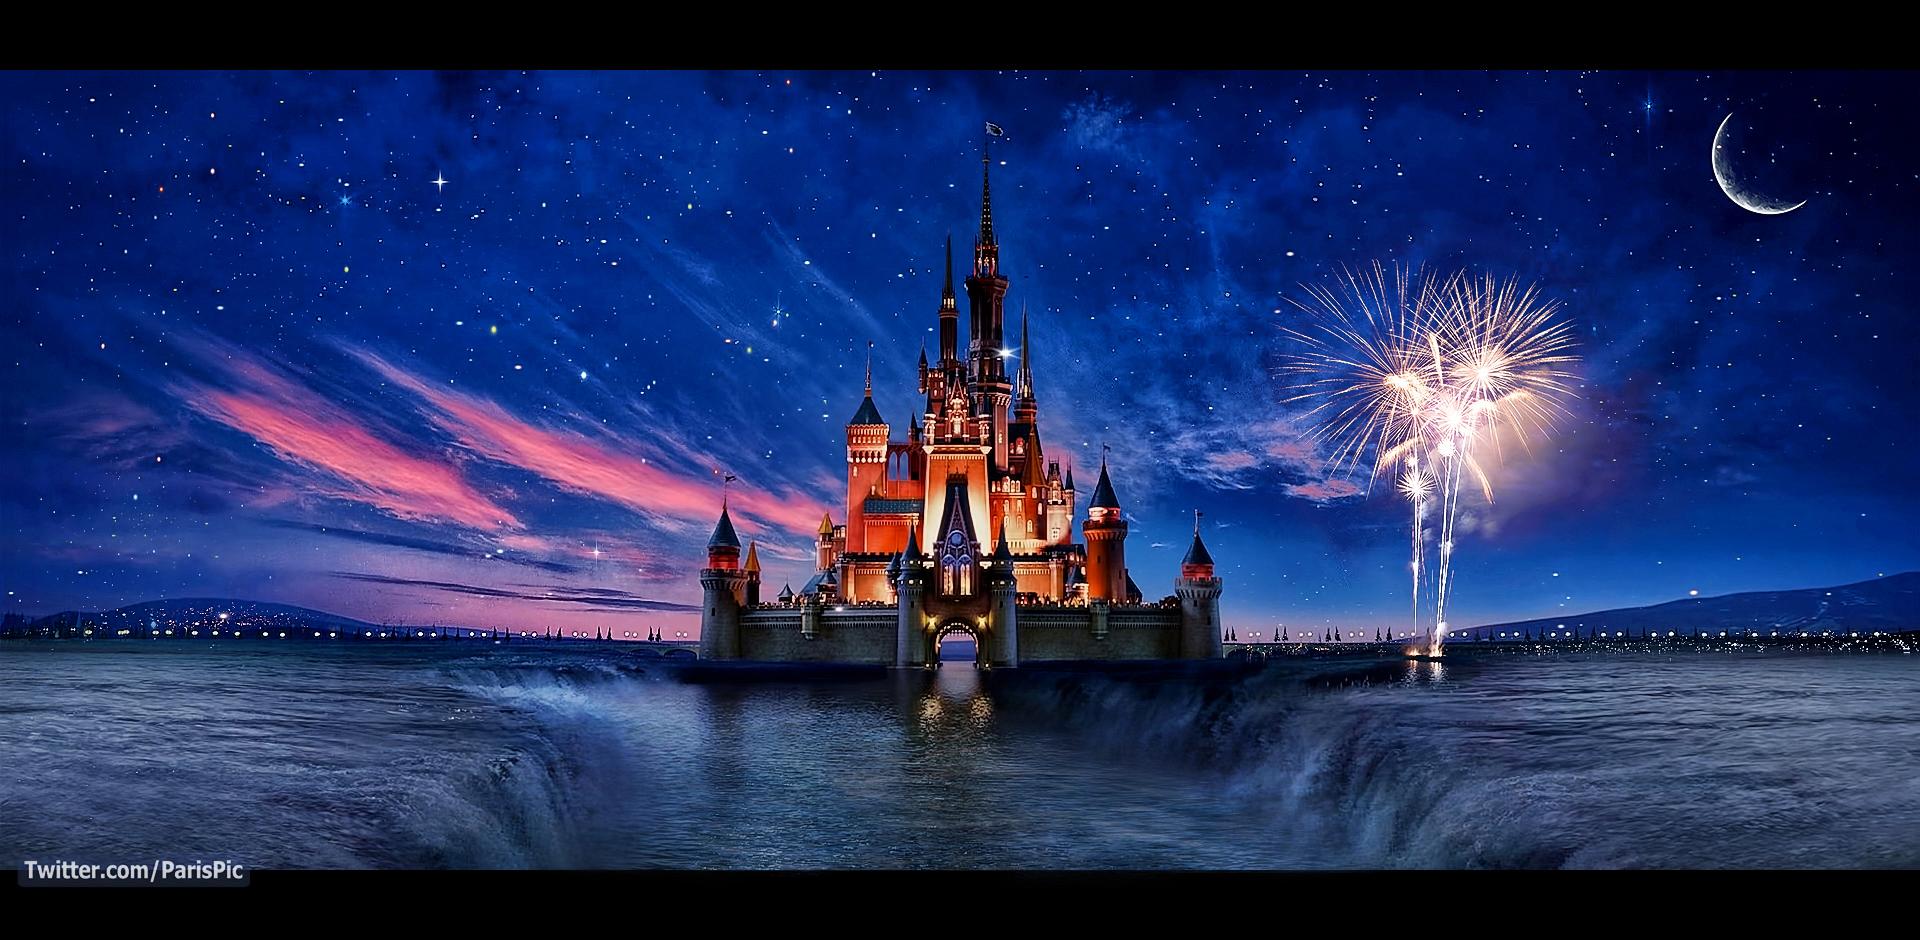 Disneyland castello California modifica wallpaper ParisPic